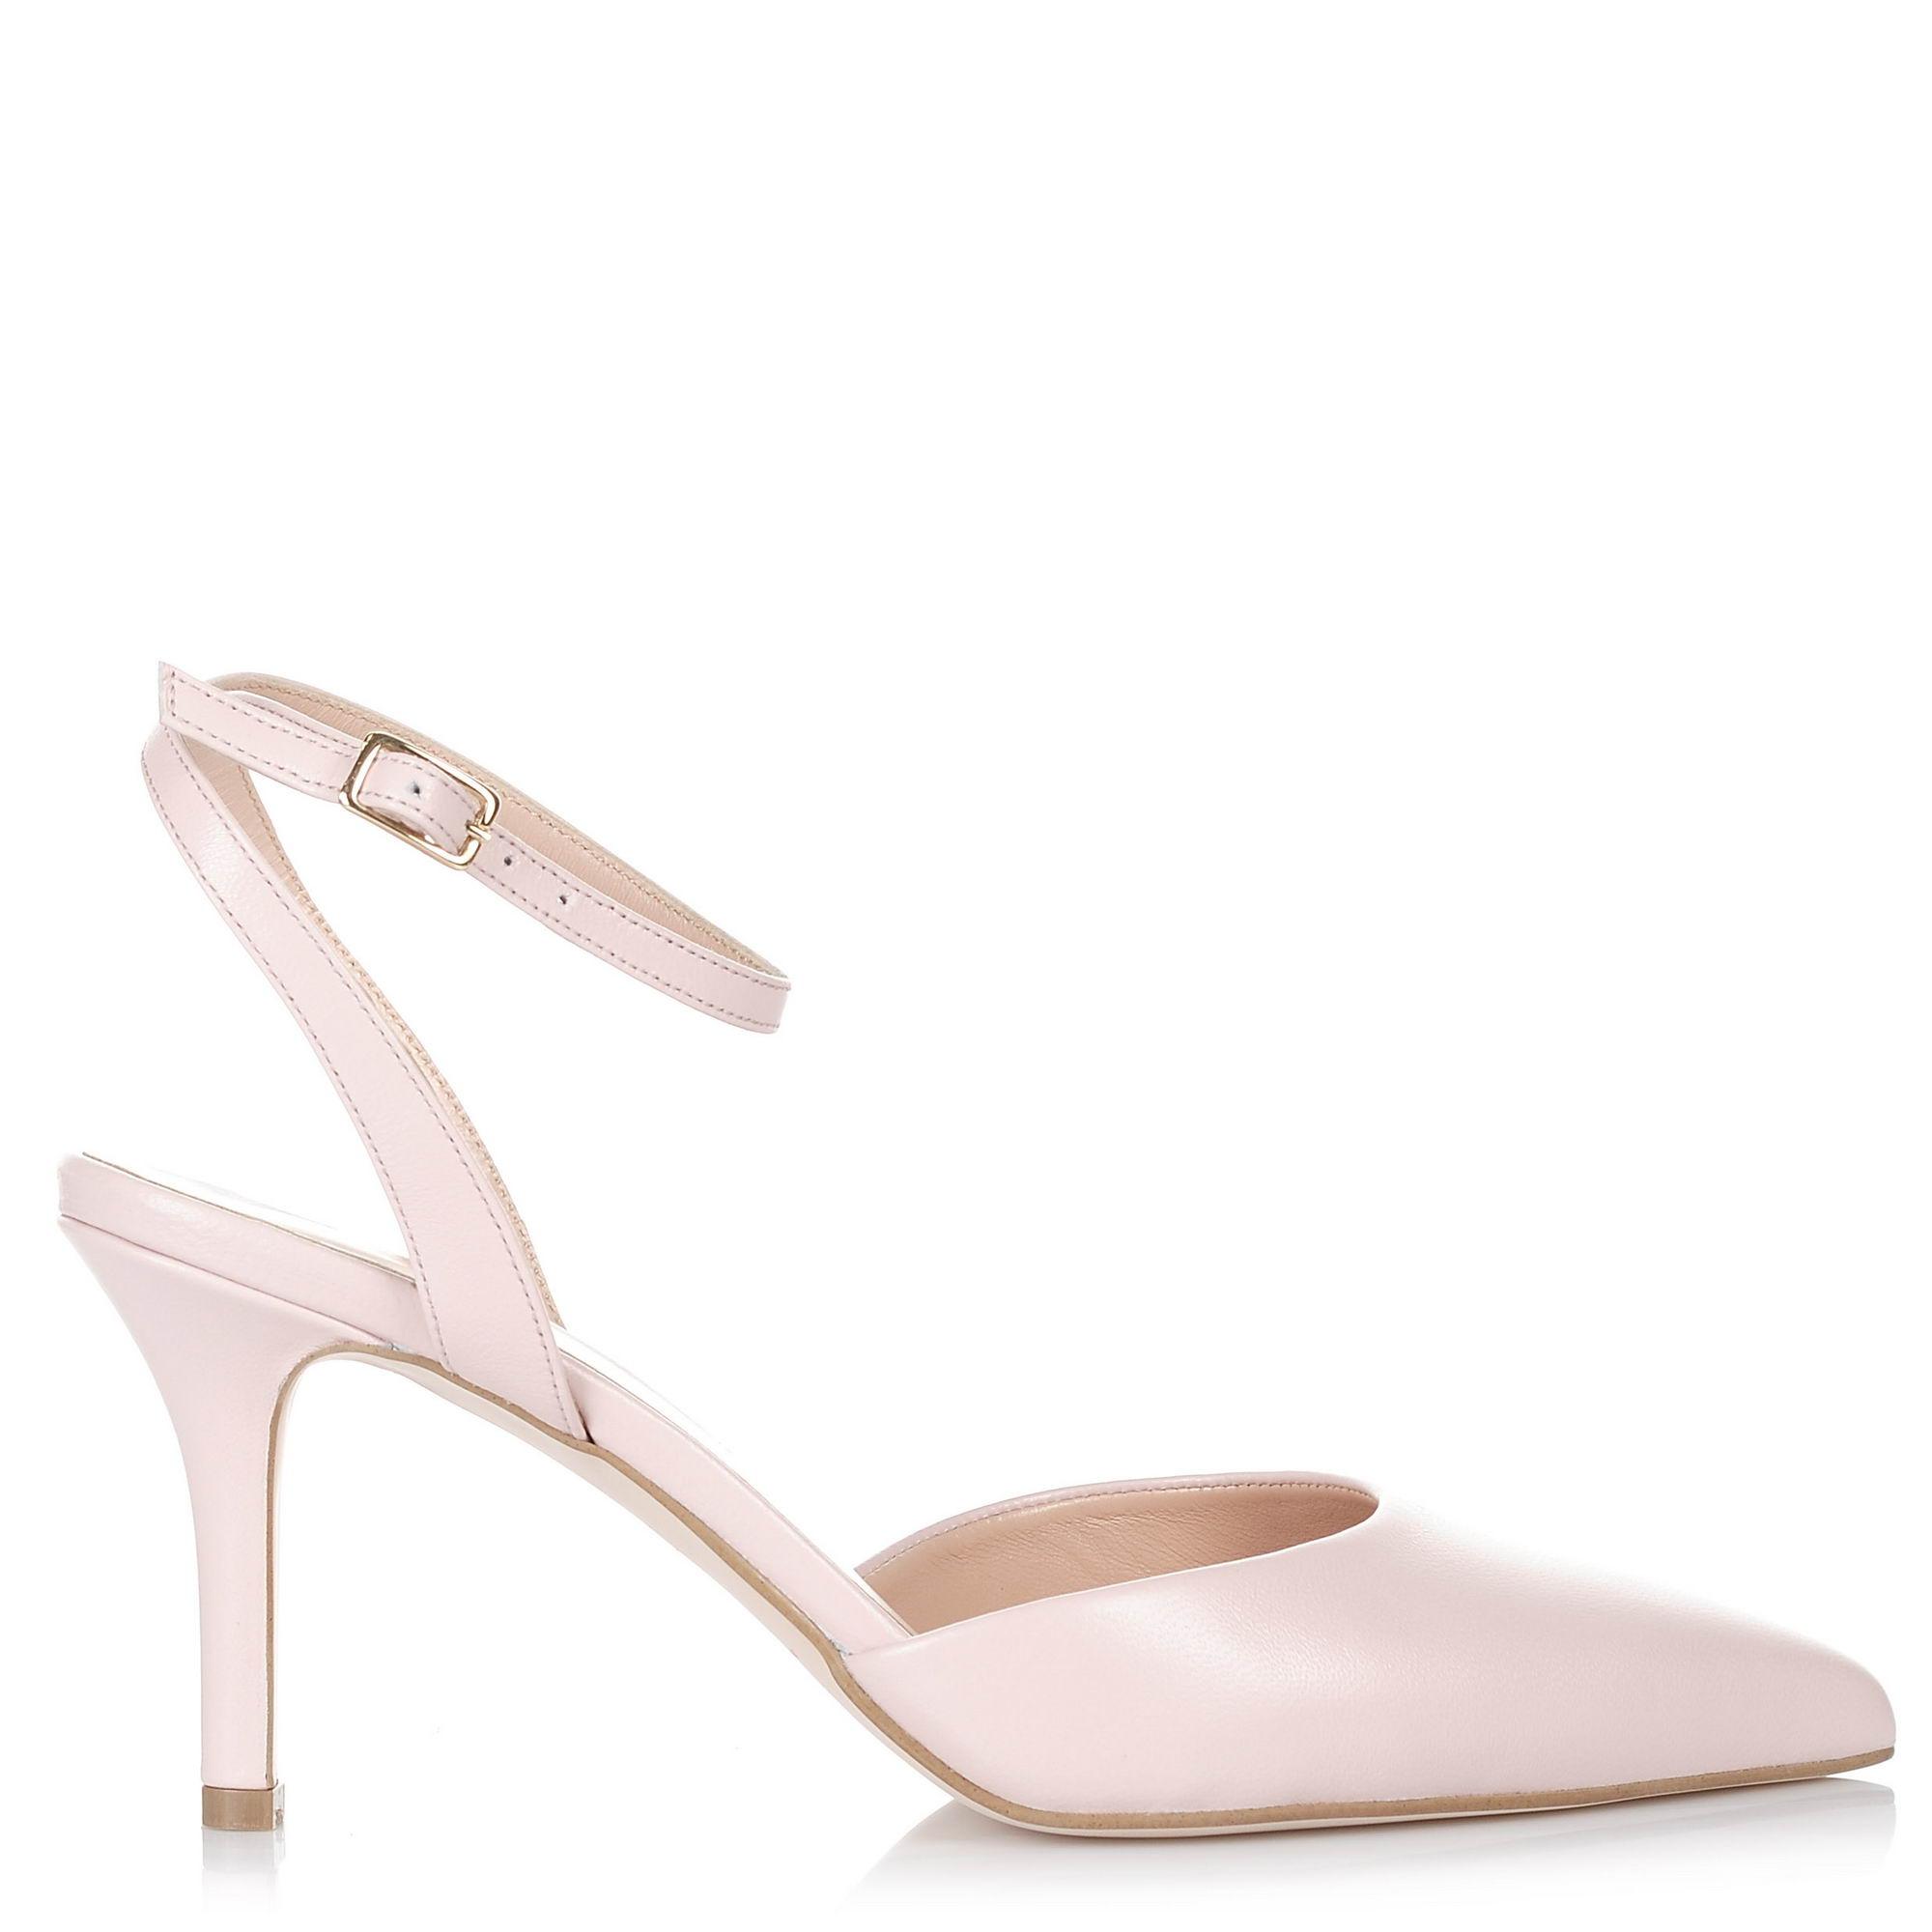 Δερμάτινες Γόβες Mourtzi 7/71110 γυναικα   γυναικείο παπούτσι